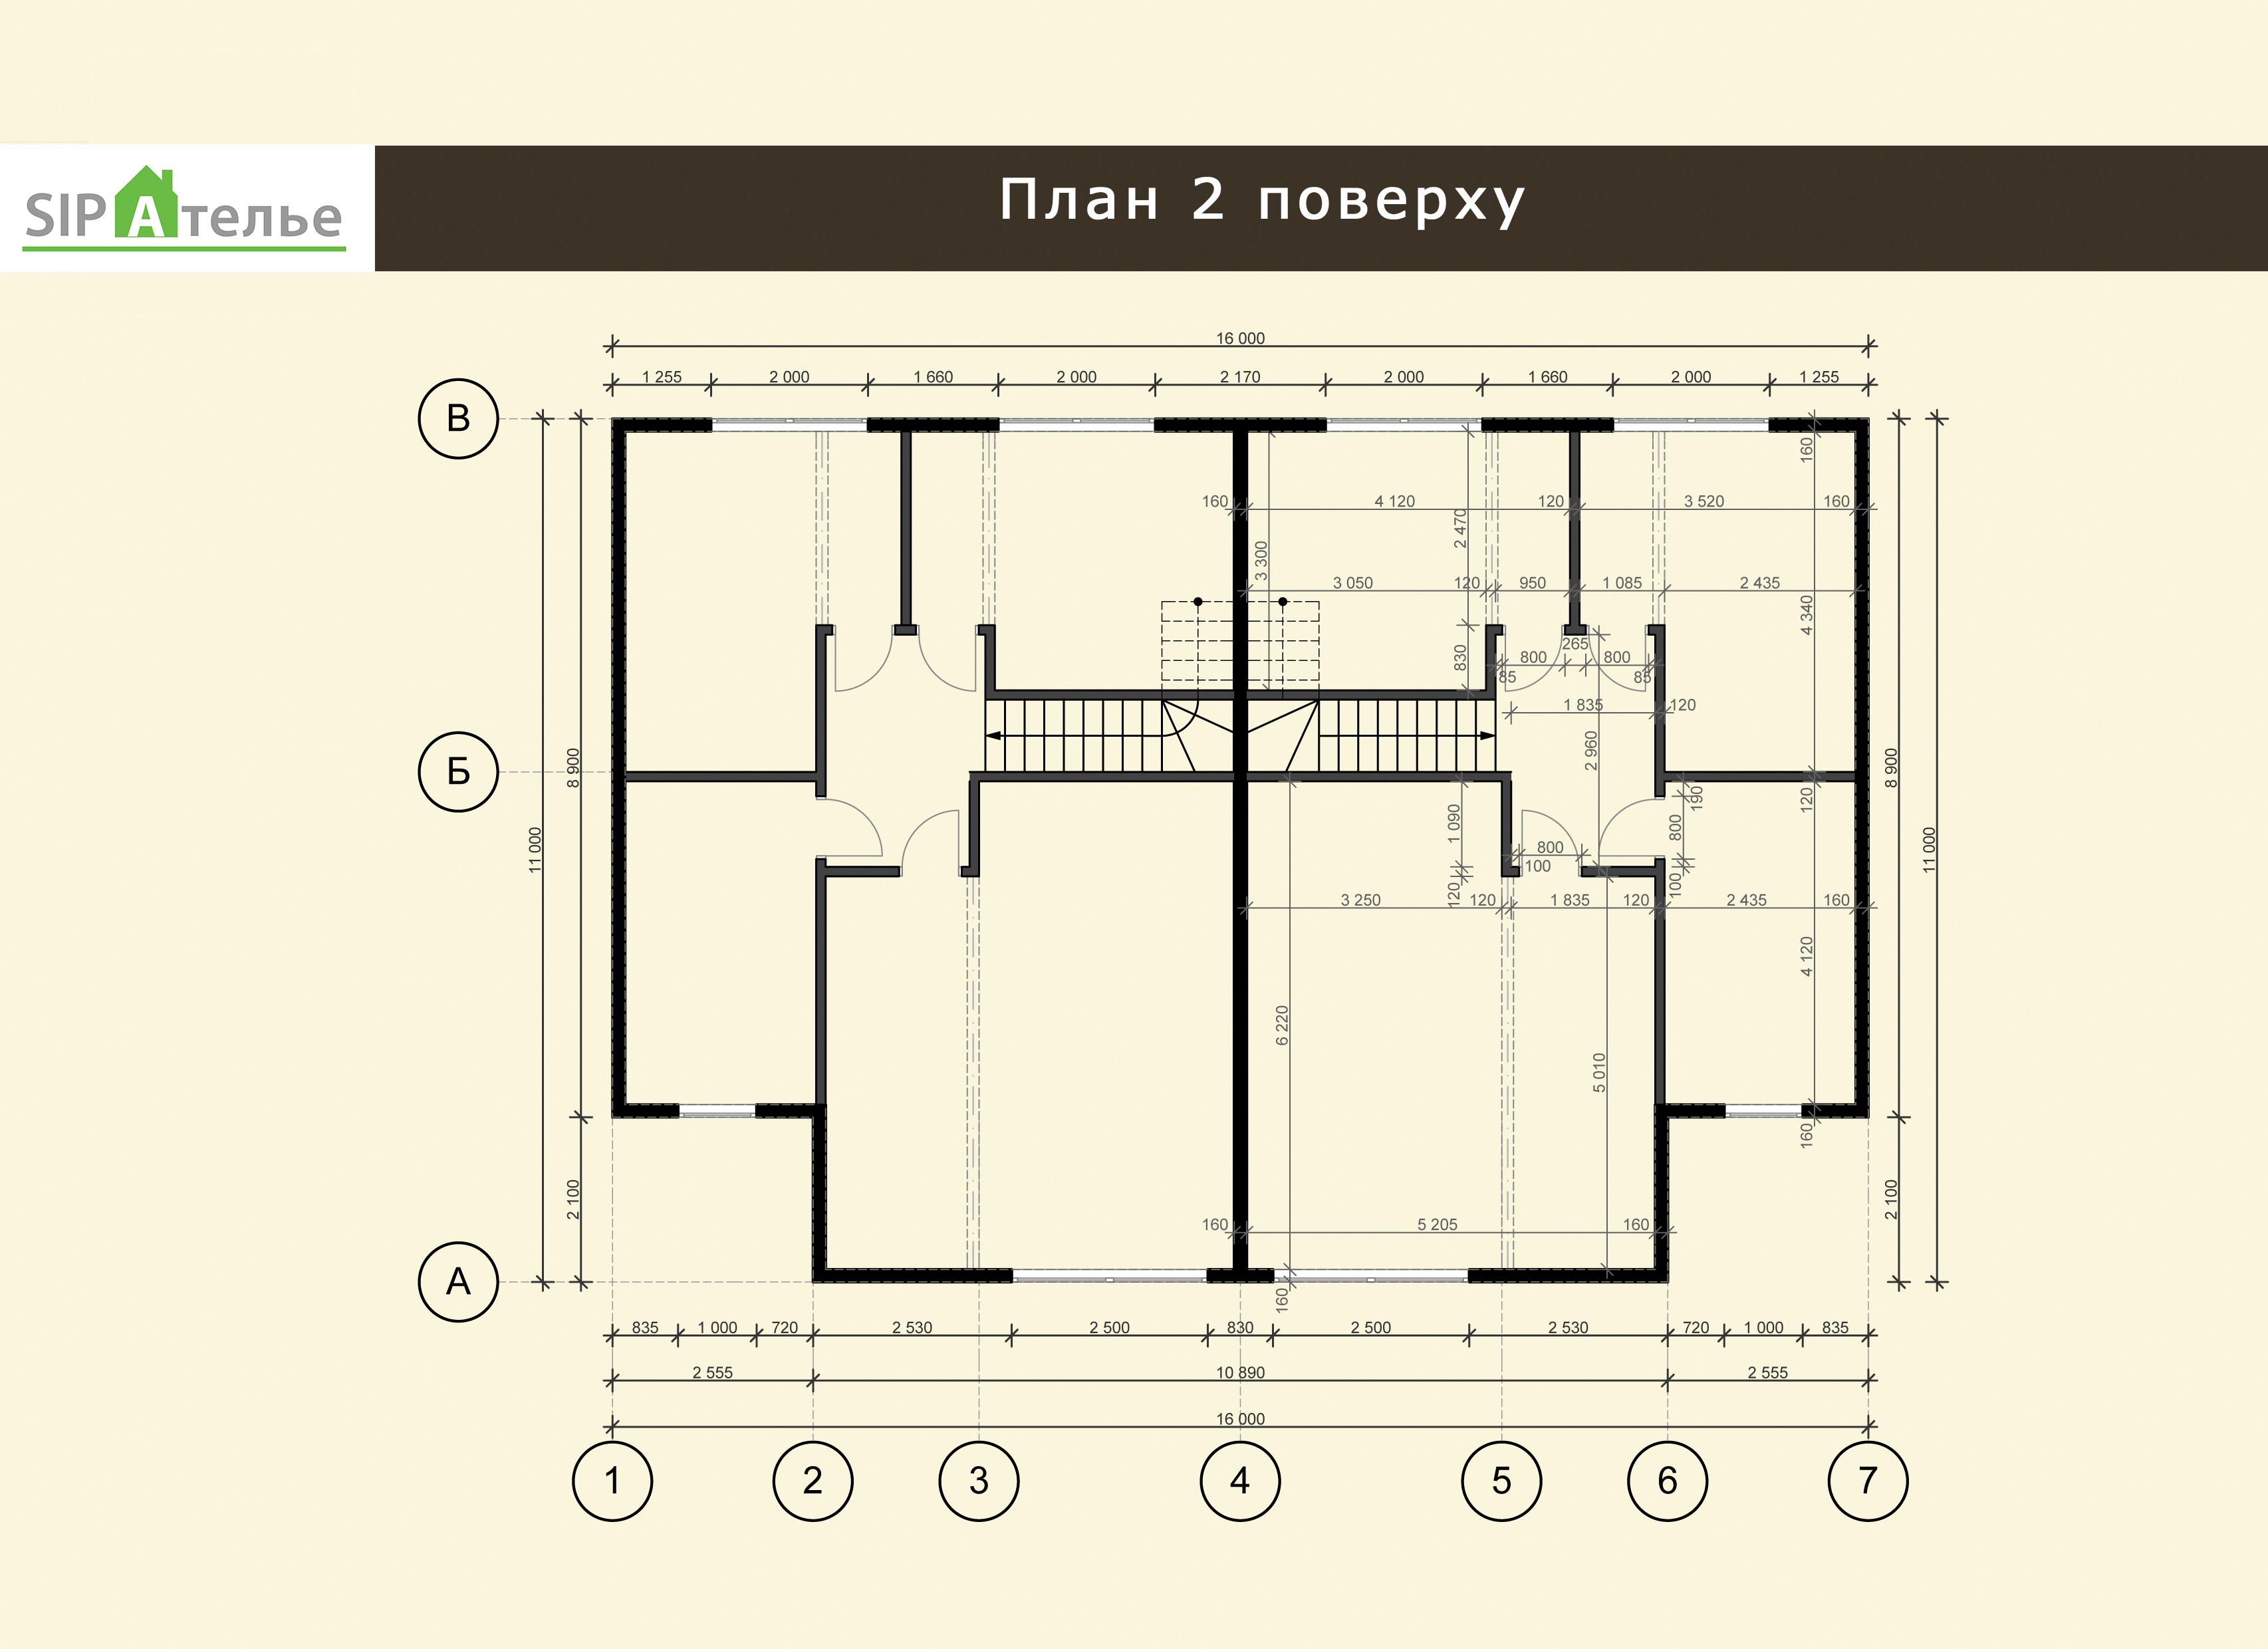 Планировка жилого дома Марк из СИП панелей